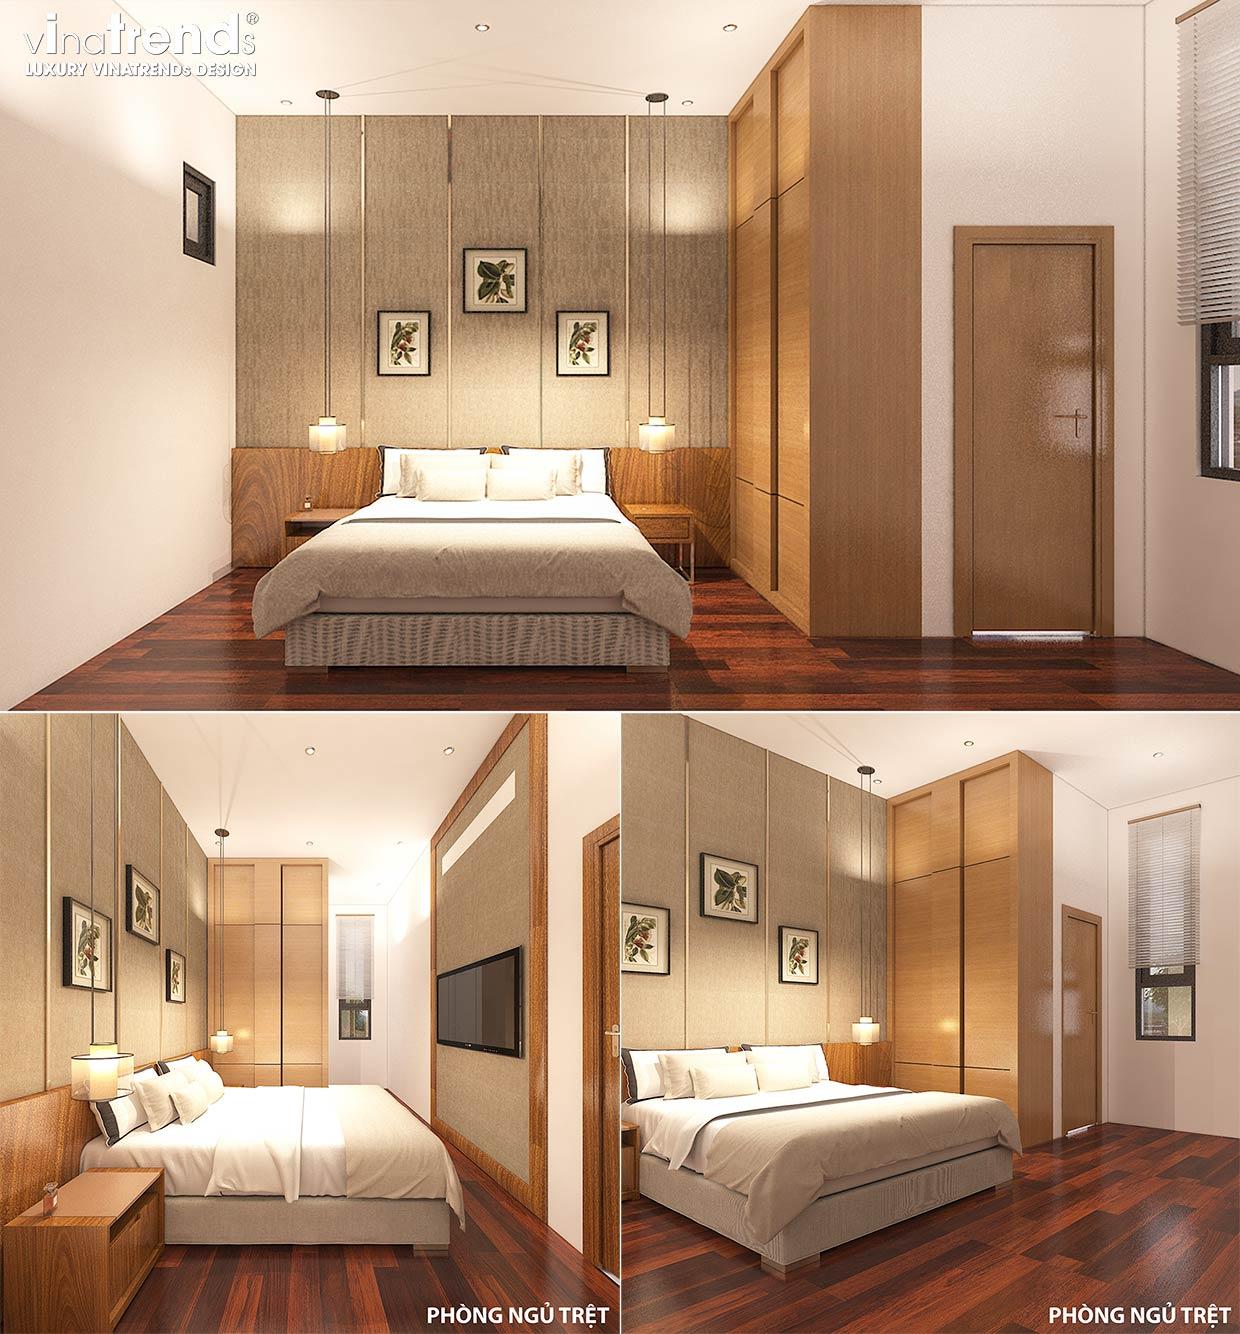 noi that nha hien dai dep 10 Bản vẽ mẫu nhà biệt thự 3 tầng hiện đại 8x16m có hầm gara ô tô nhà anh Giang ở Hồ Chí Minh